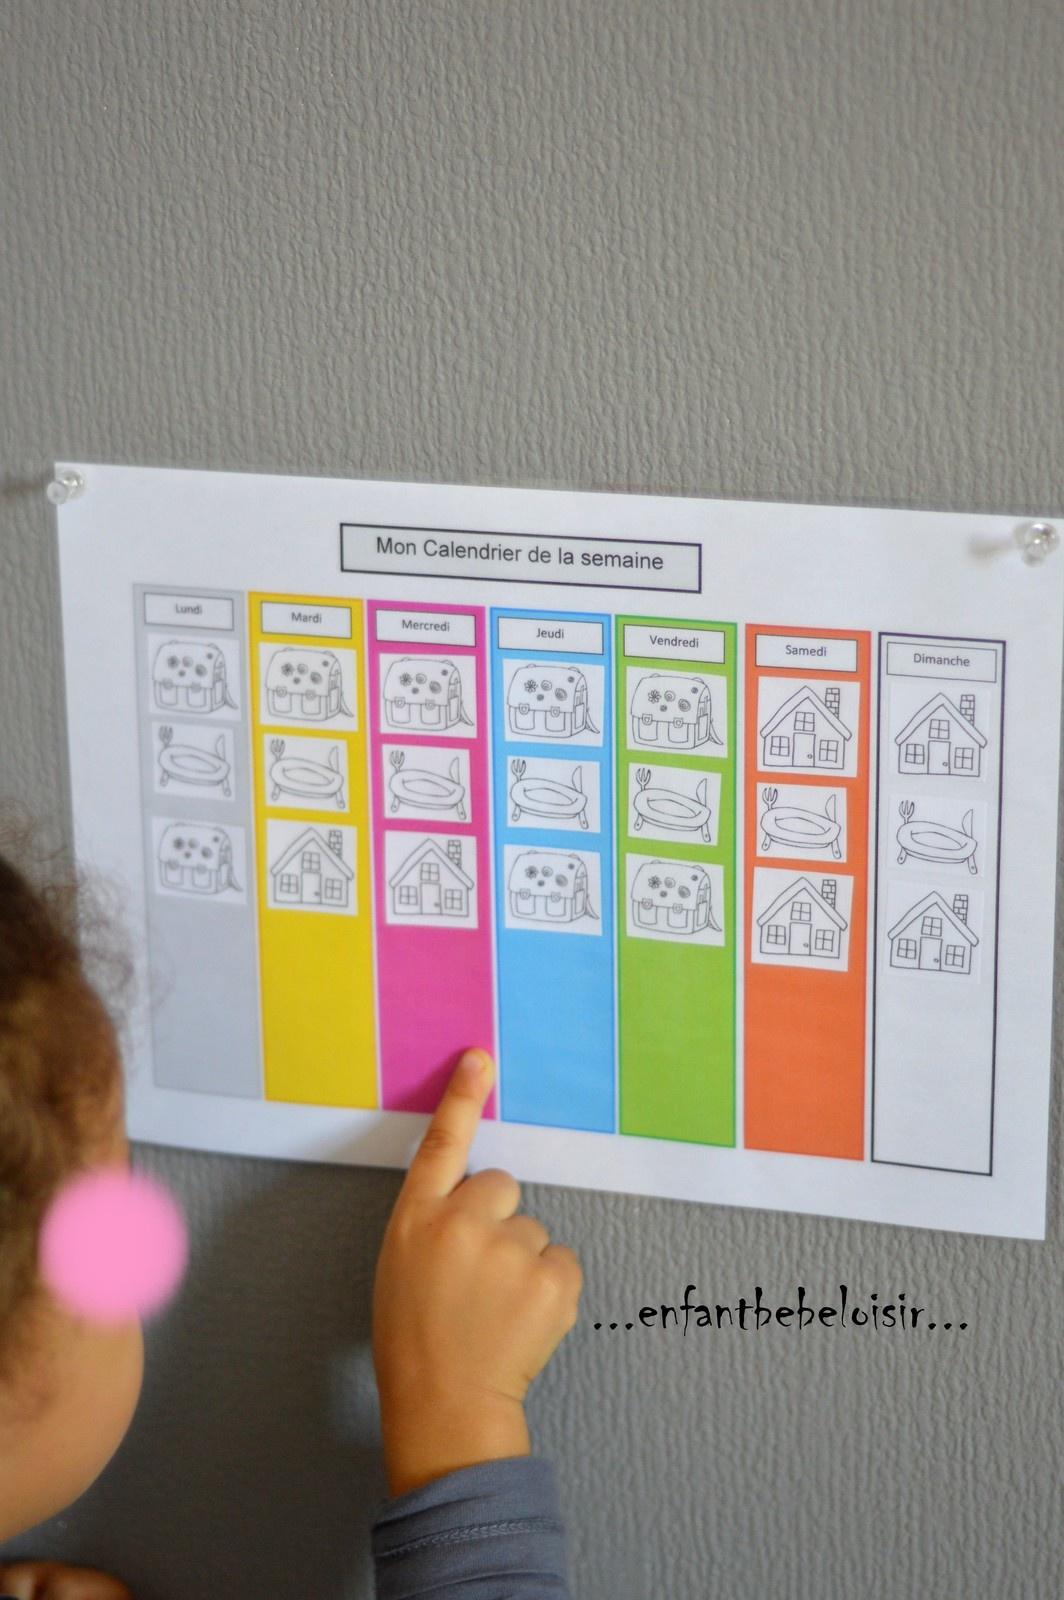 Calendrier De La Semaine - Se Repérer Dans Le Temps - Enfant concernant Calendrier Enfant Semaine